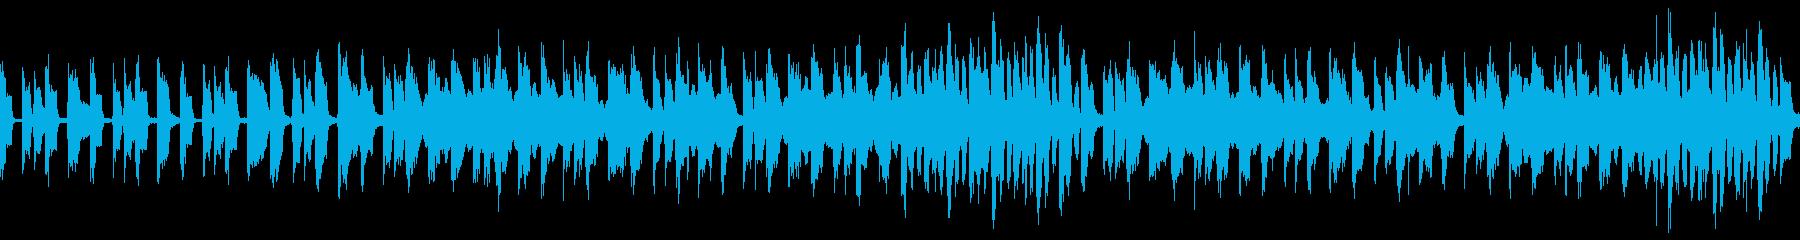 エレクトロ ゆったりと道を歩くような曲の再生済みの波形